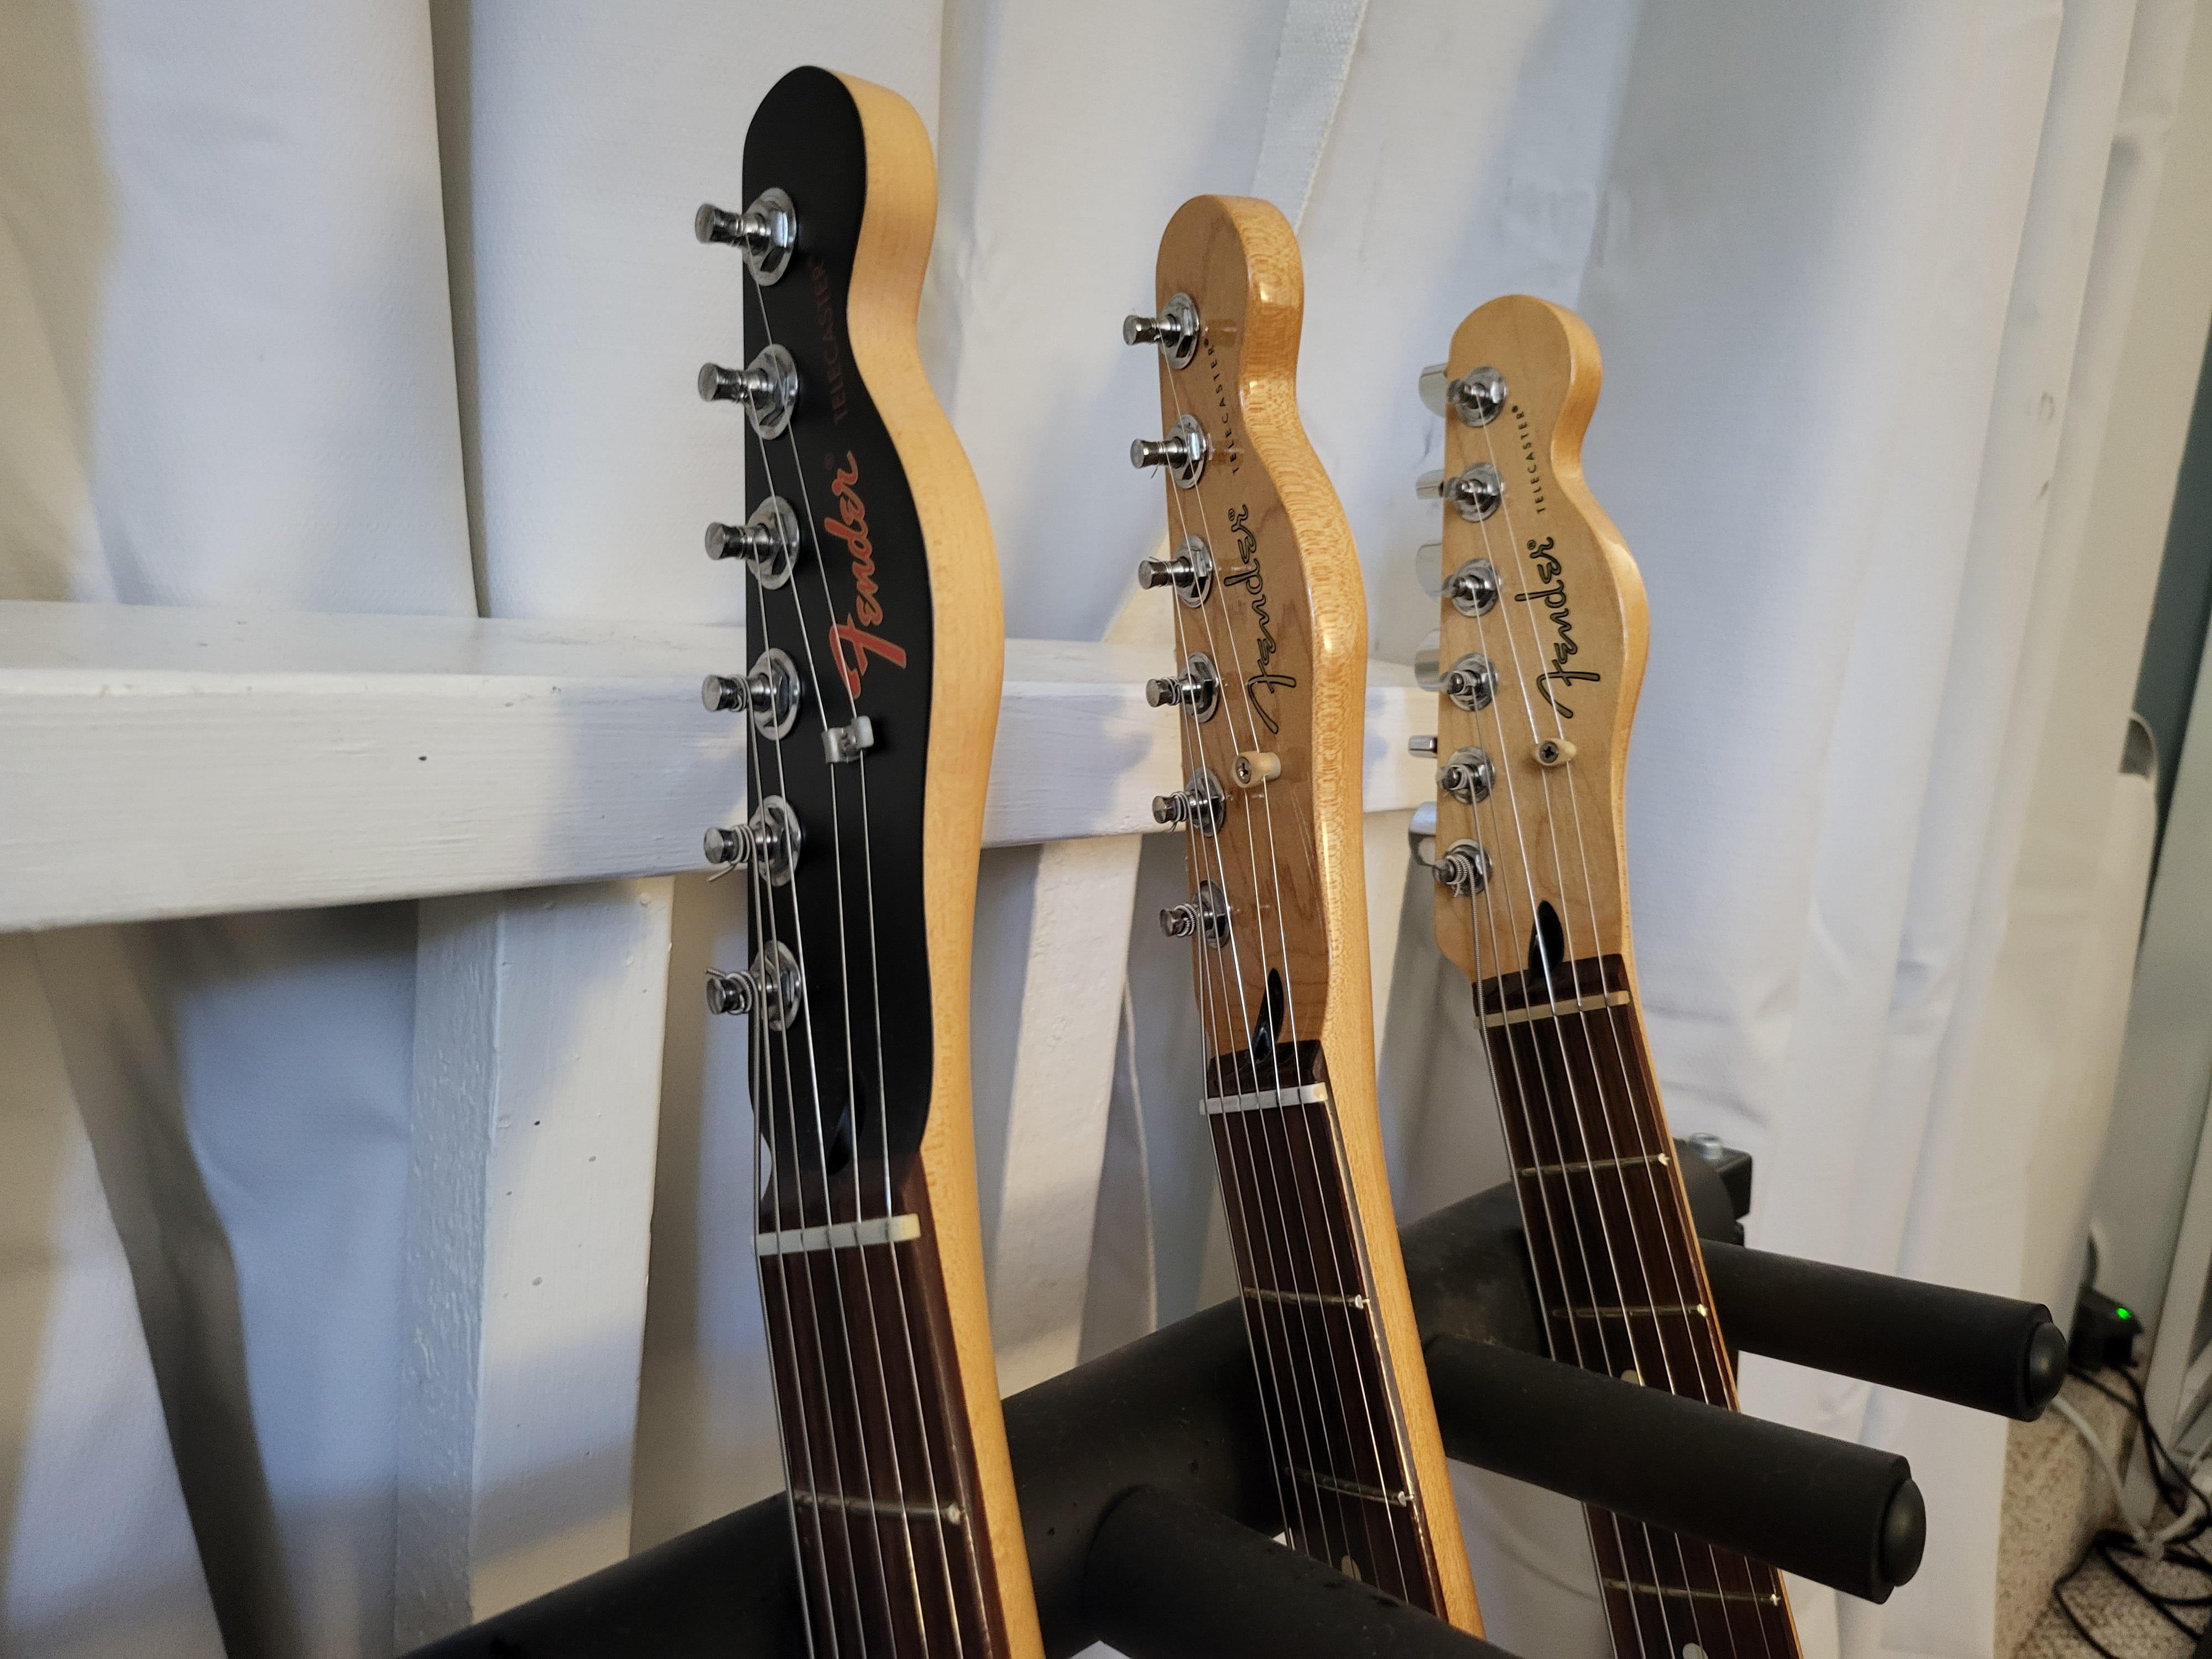 Fender guitar headstocks